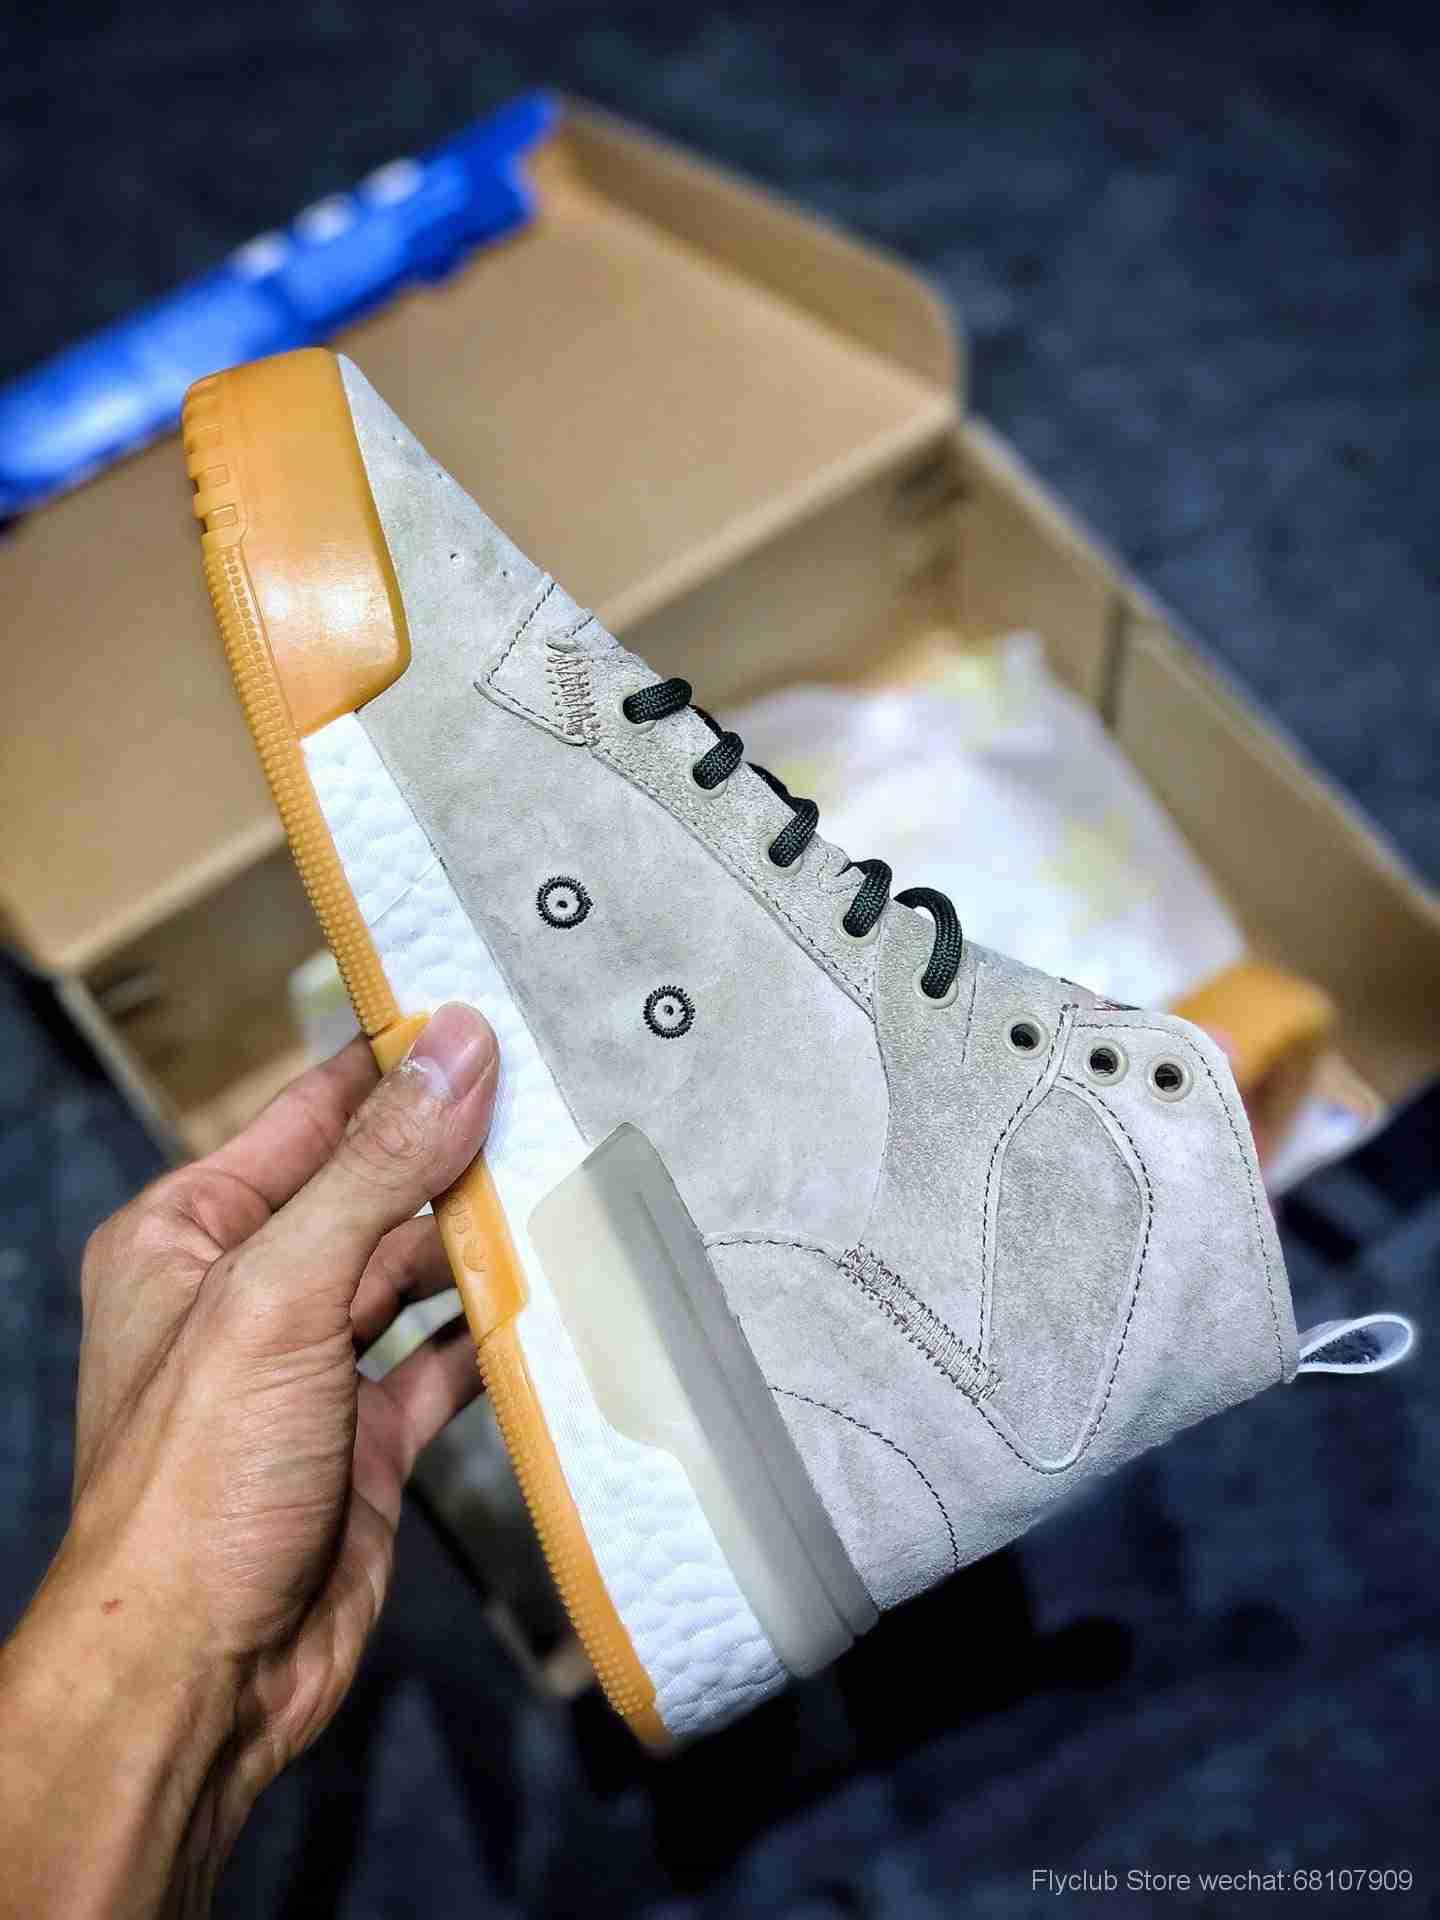 Adidas Rivalry RM 三叶草男女款板鞋 重新定义街头时尚 减震效果,脚感超级舒适!F35091